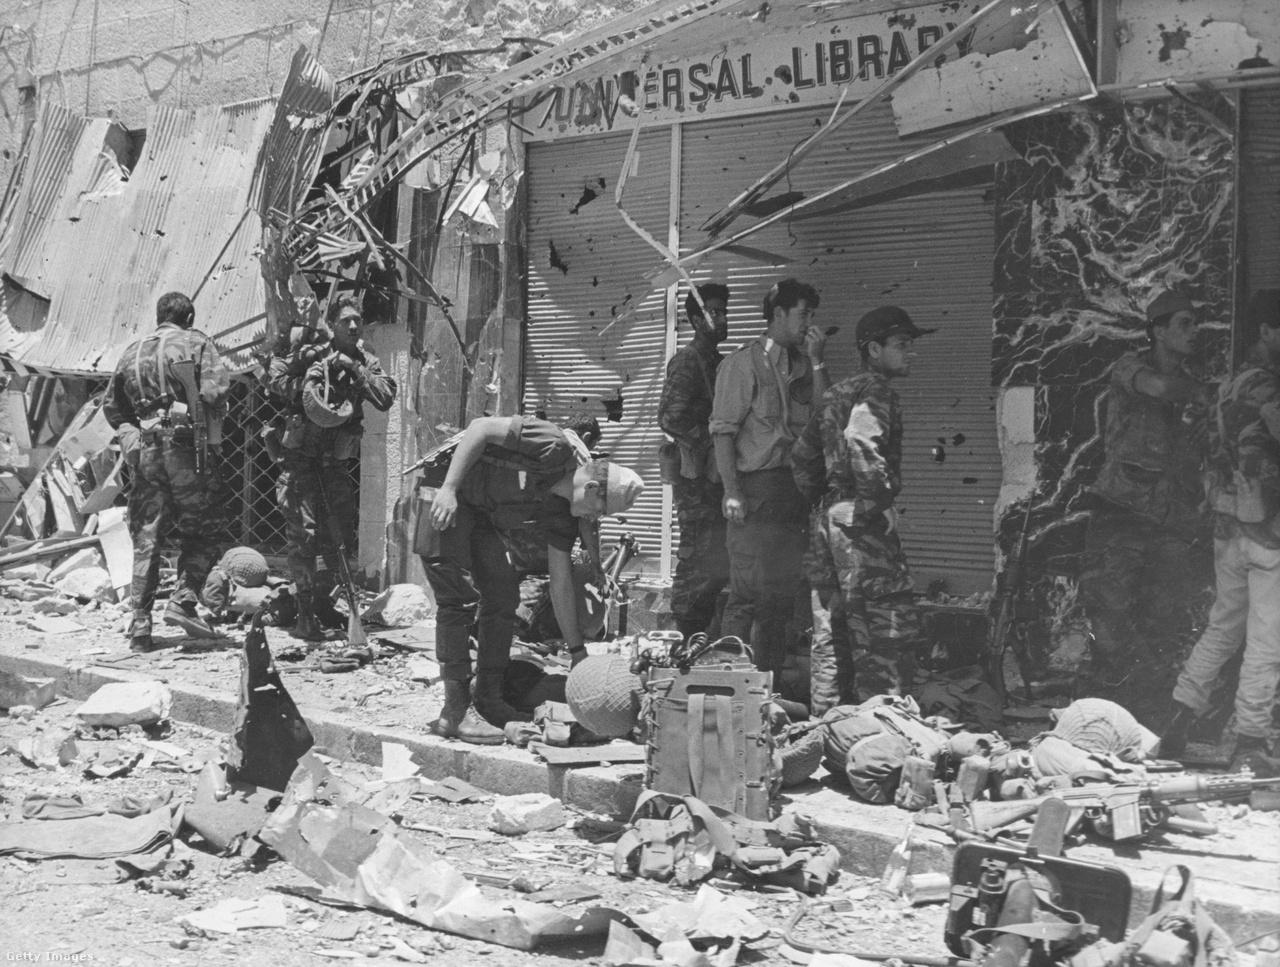 Izrael az 1967-es hatnapos háború eredményeként jelentős területeket csatolt magához, és az állam 1948-as alapítása óta először egyesítették Jeruzsálemet. A Gázai övezetet is megszerezte a Sínai-félszigettel együtt. Ez utóbbiról az Egyiptommal kötött béke után kivonult, az övezetet viszont megszállva tartotta.